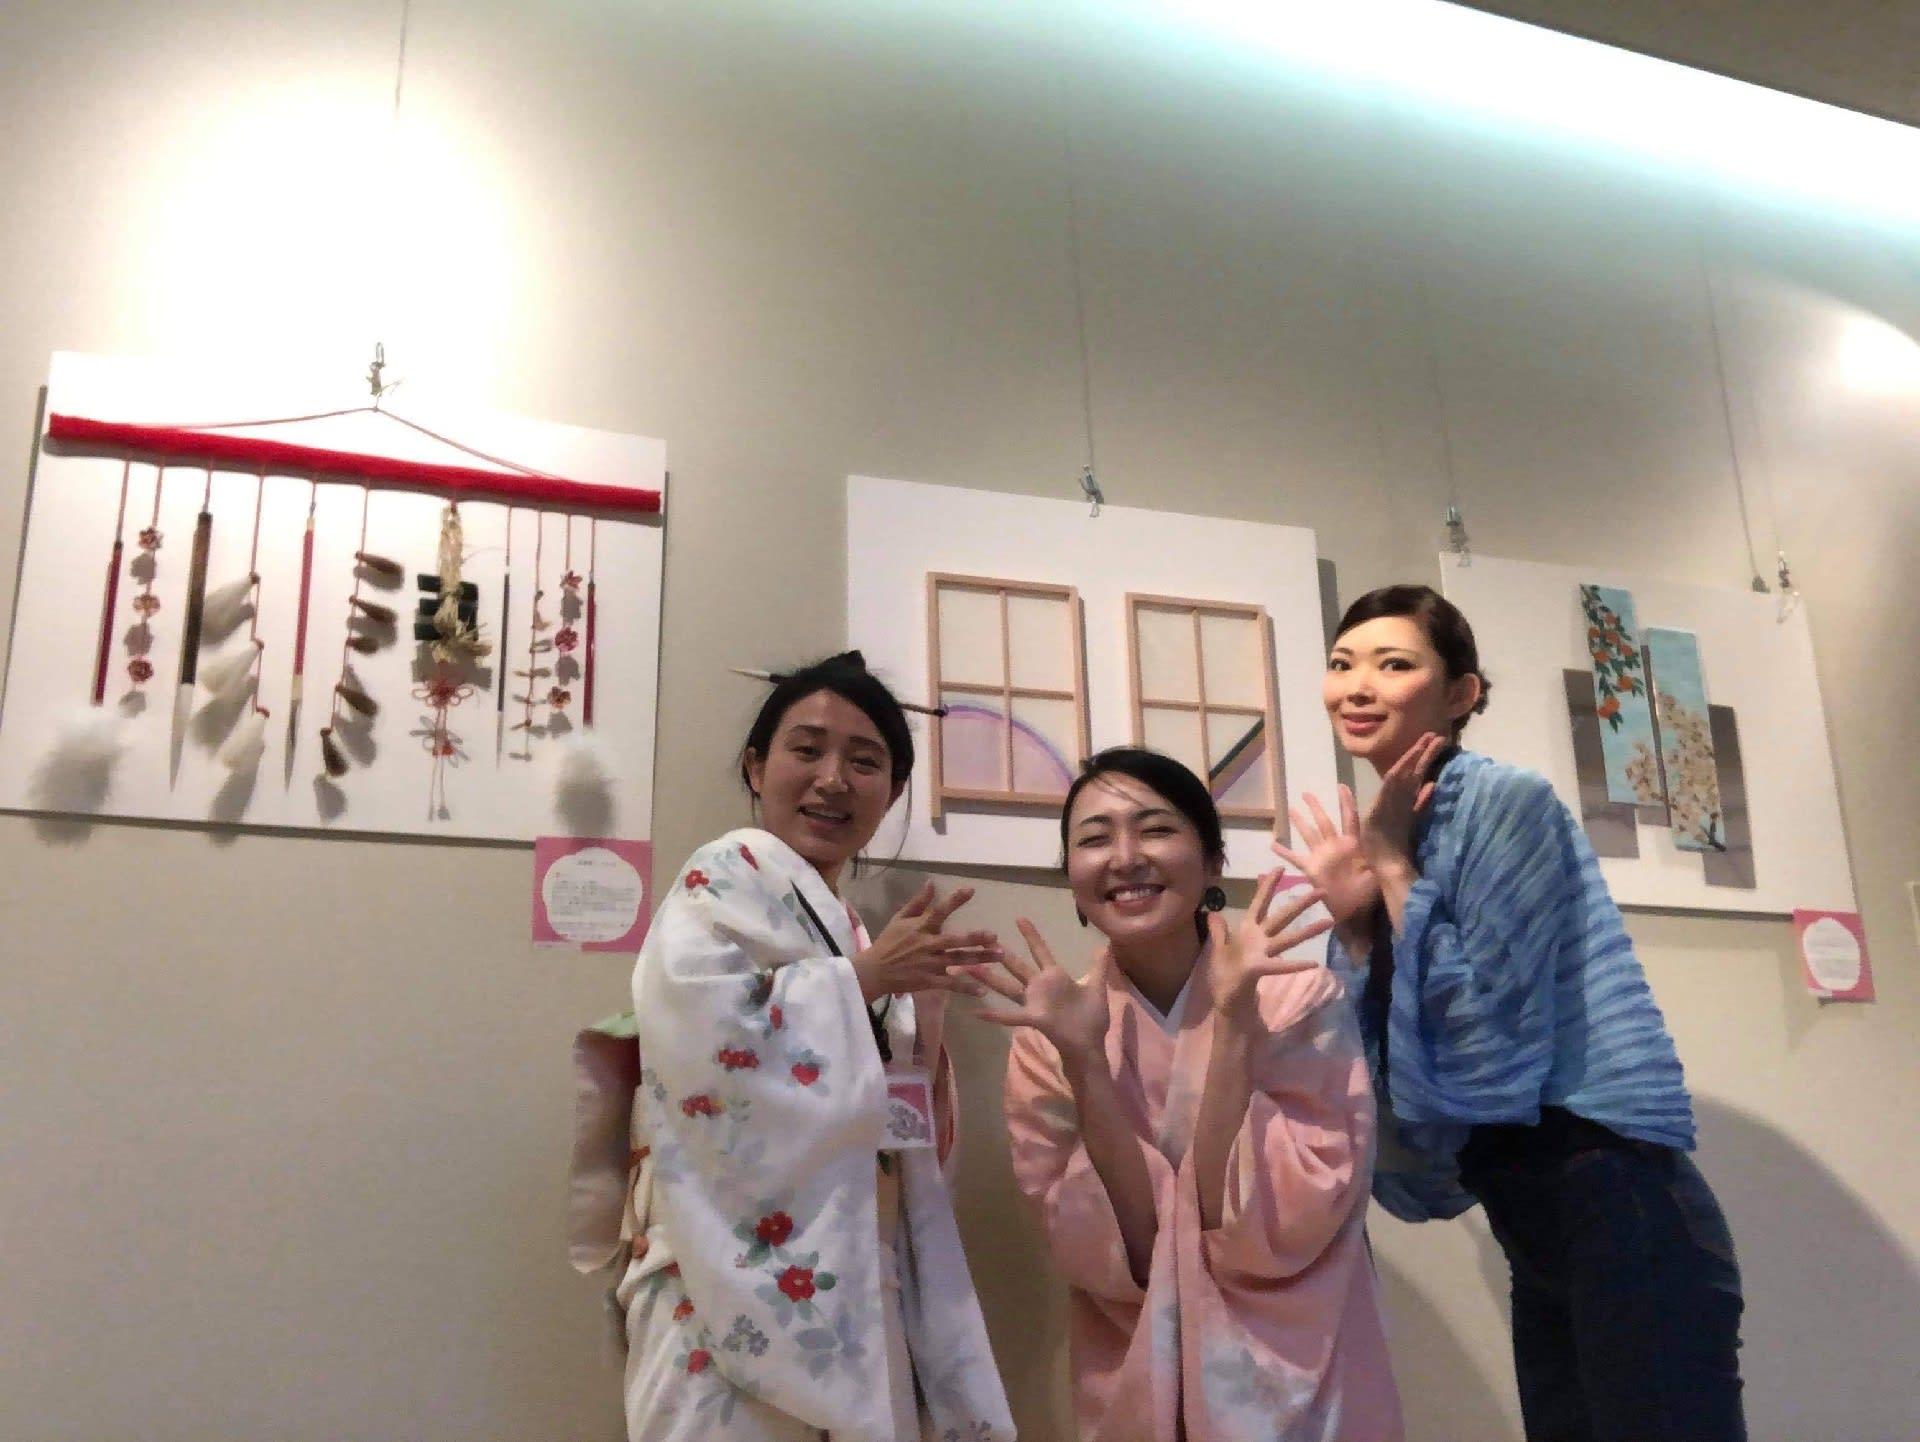 ――伝統工芸を持続させるために結成された「凛九」のメンバーとして、伝統工芸を「サステナブル」という観点から見るといかがでしょうか?